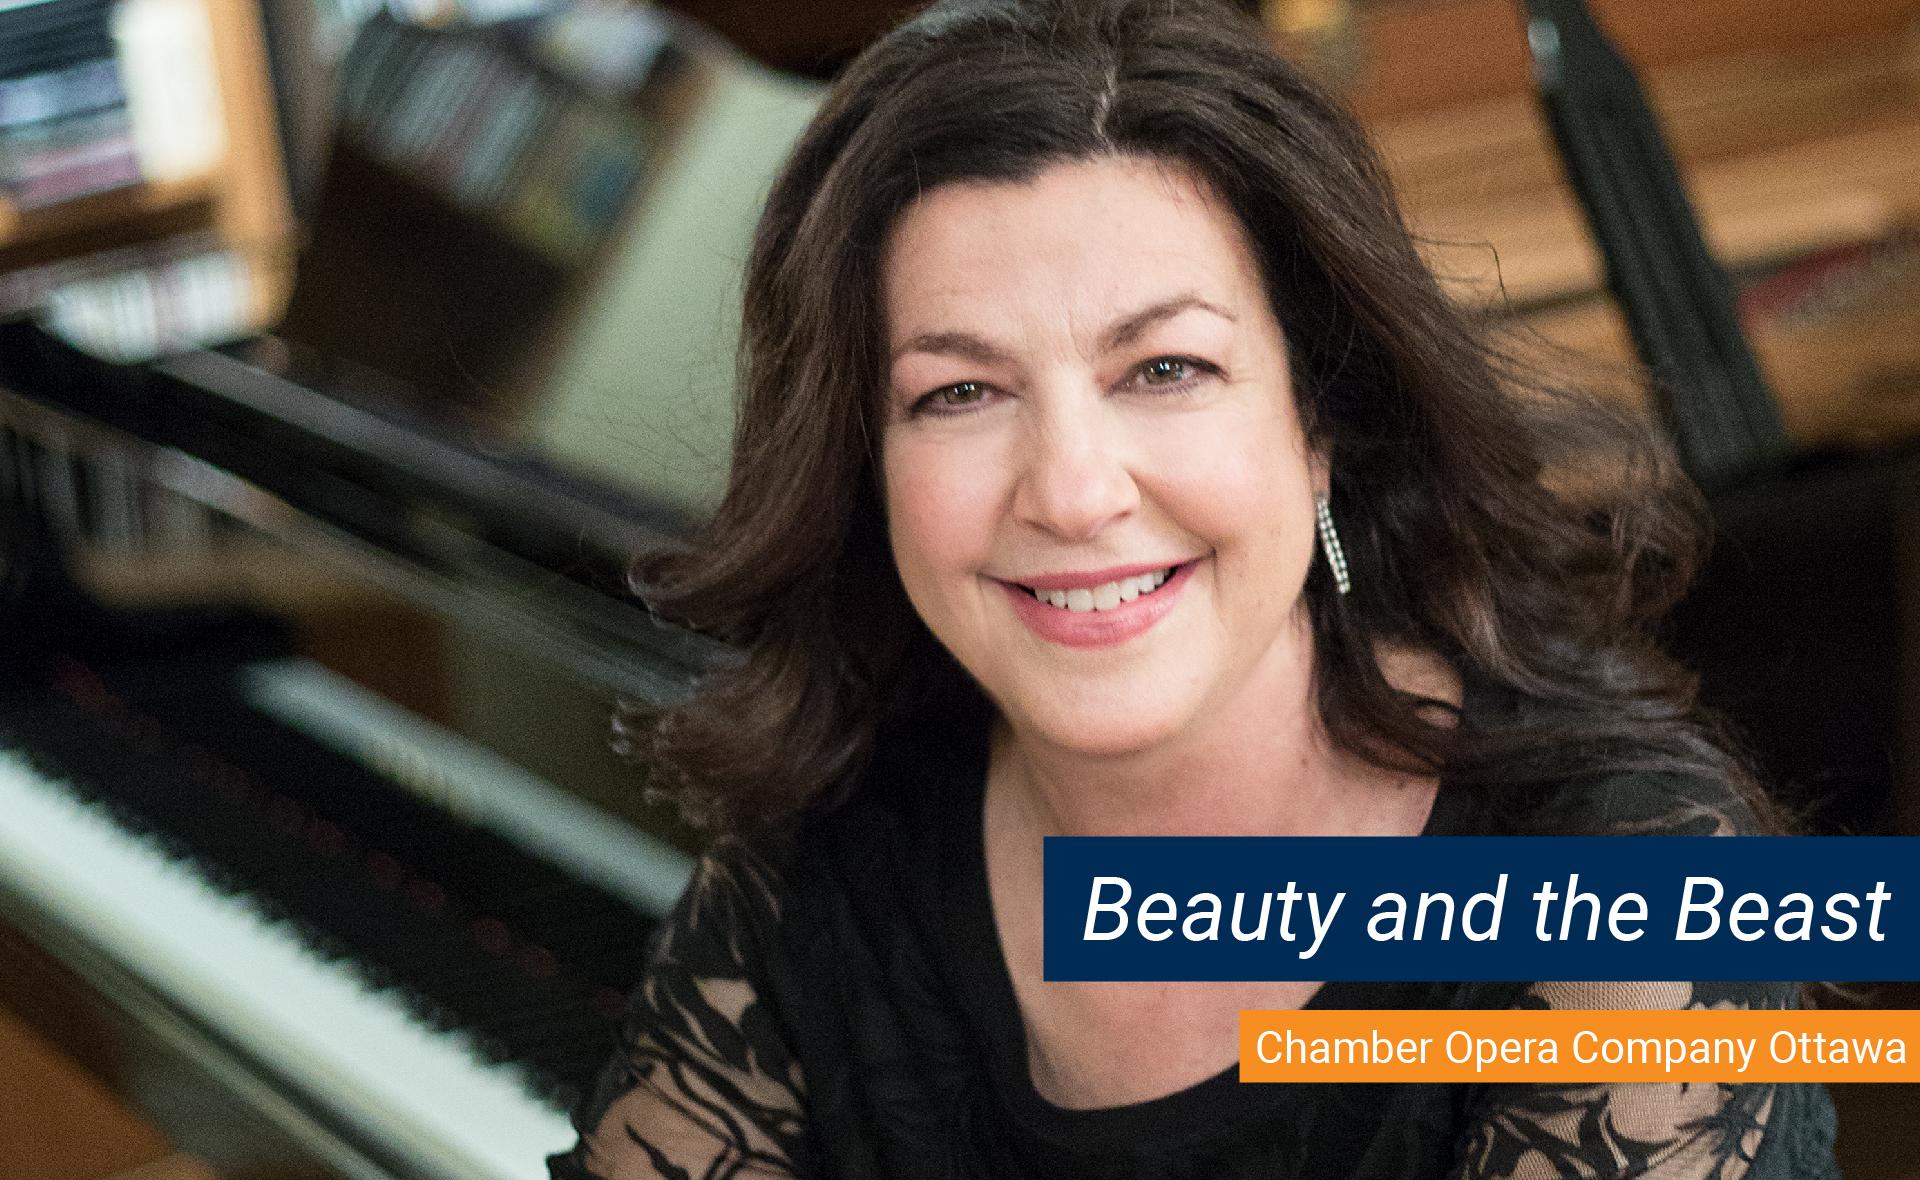 Chamber Opera Co Ottawa